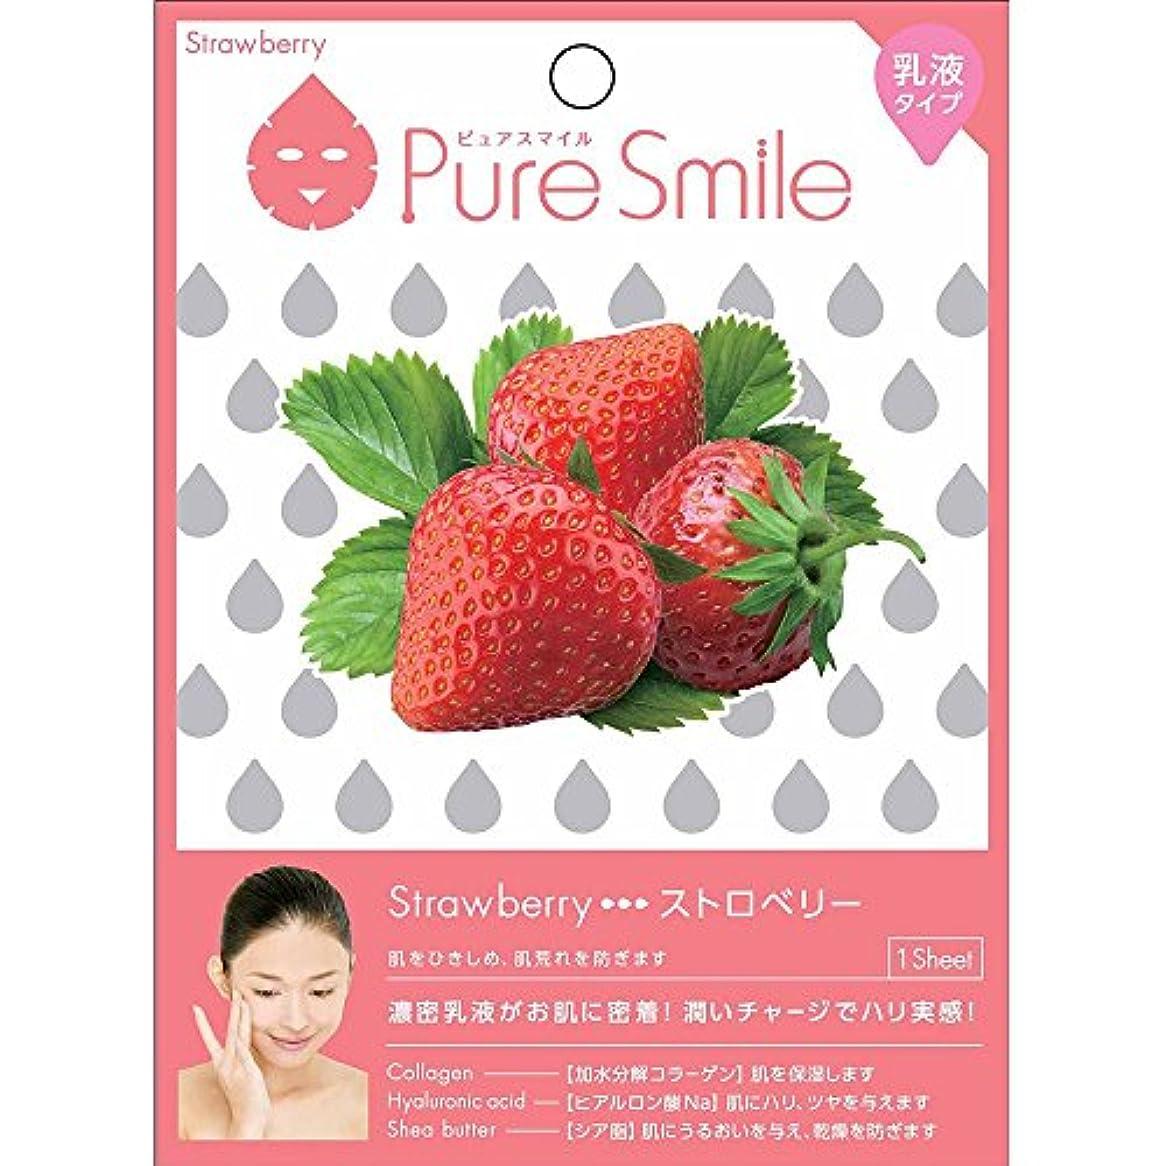 あえて承認テープPure Smile/ピュアスマイル 乳液 エッセンス/フェイスマスク 『Strawberry/ストロベリー(苺)』